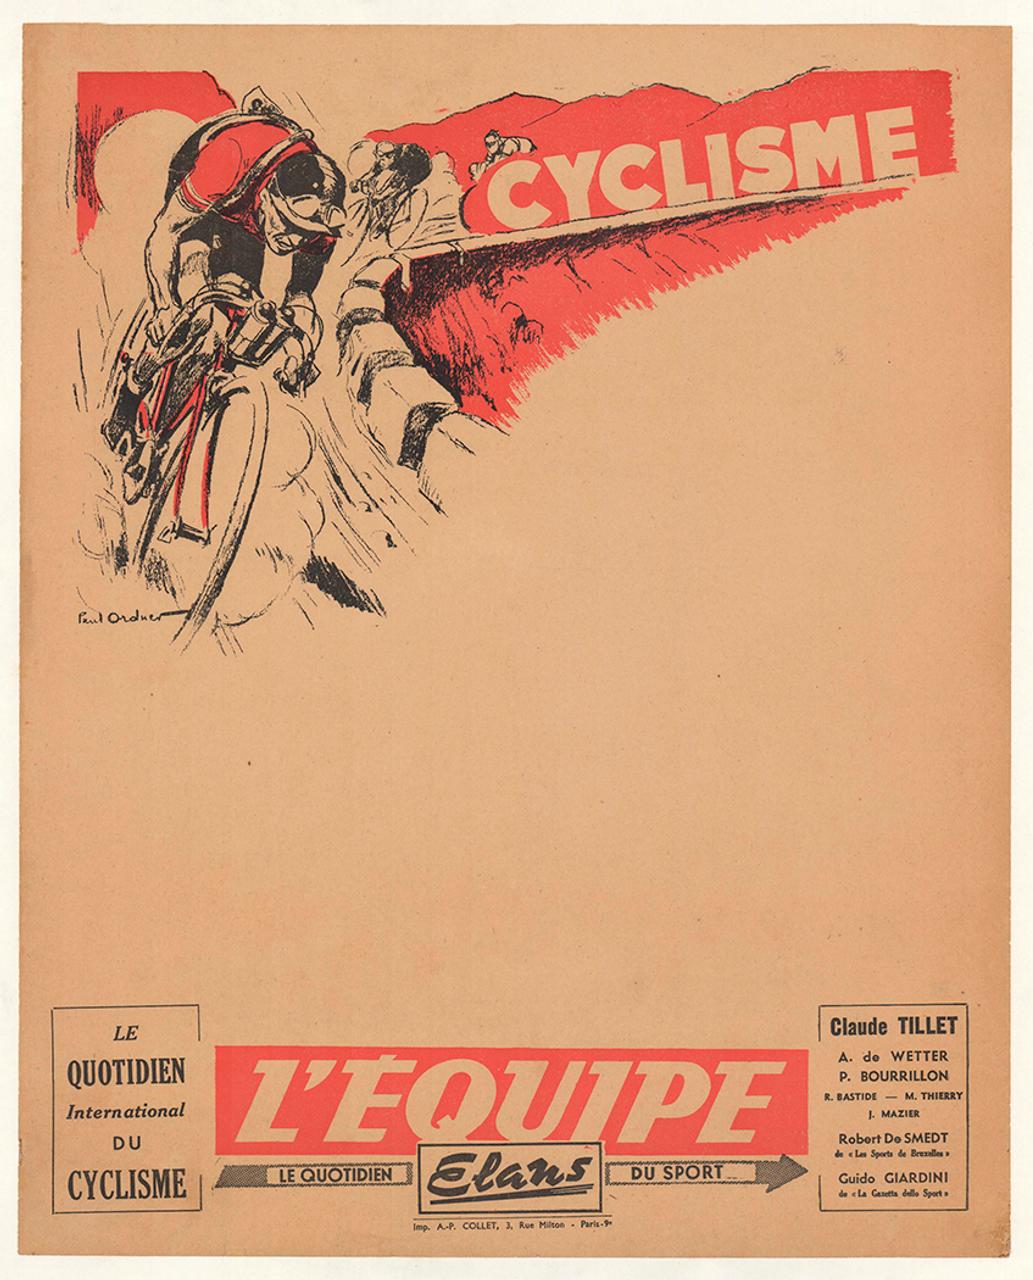 Cyclisme Original Vintage Bicycle Poster by Paul Ordner